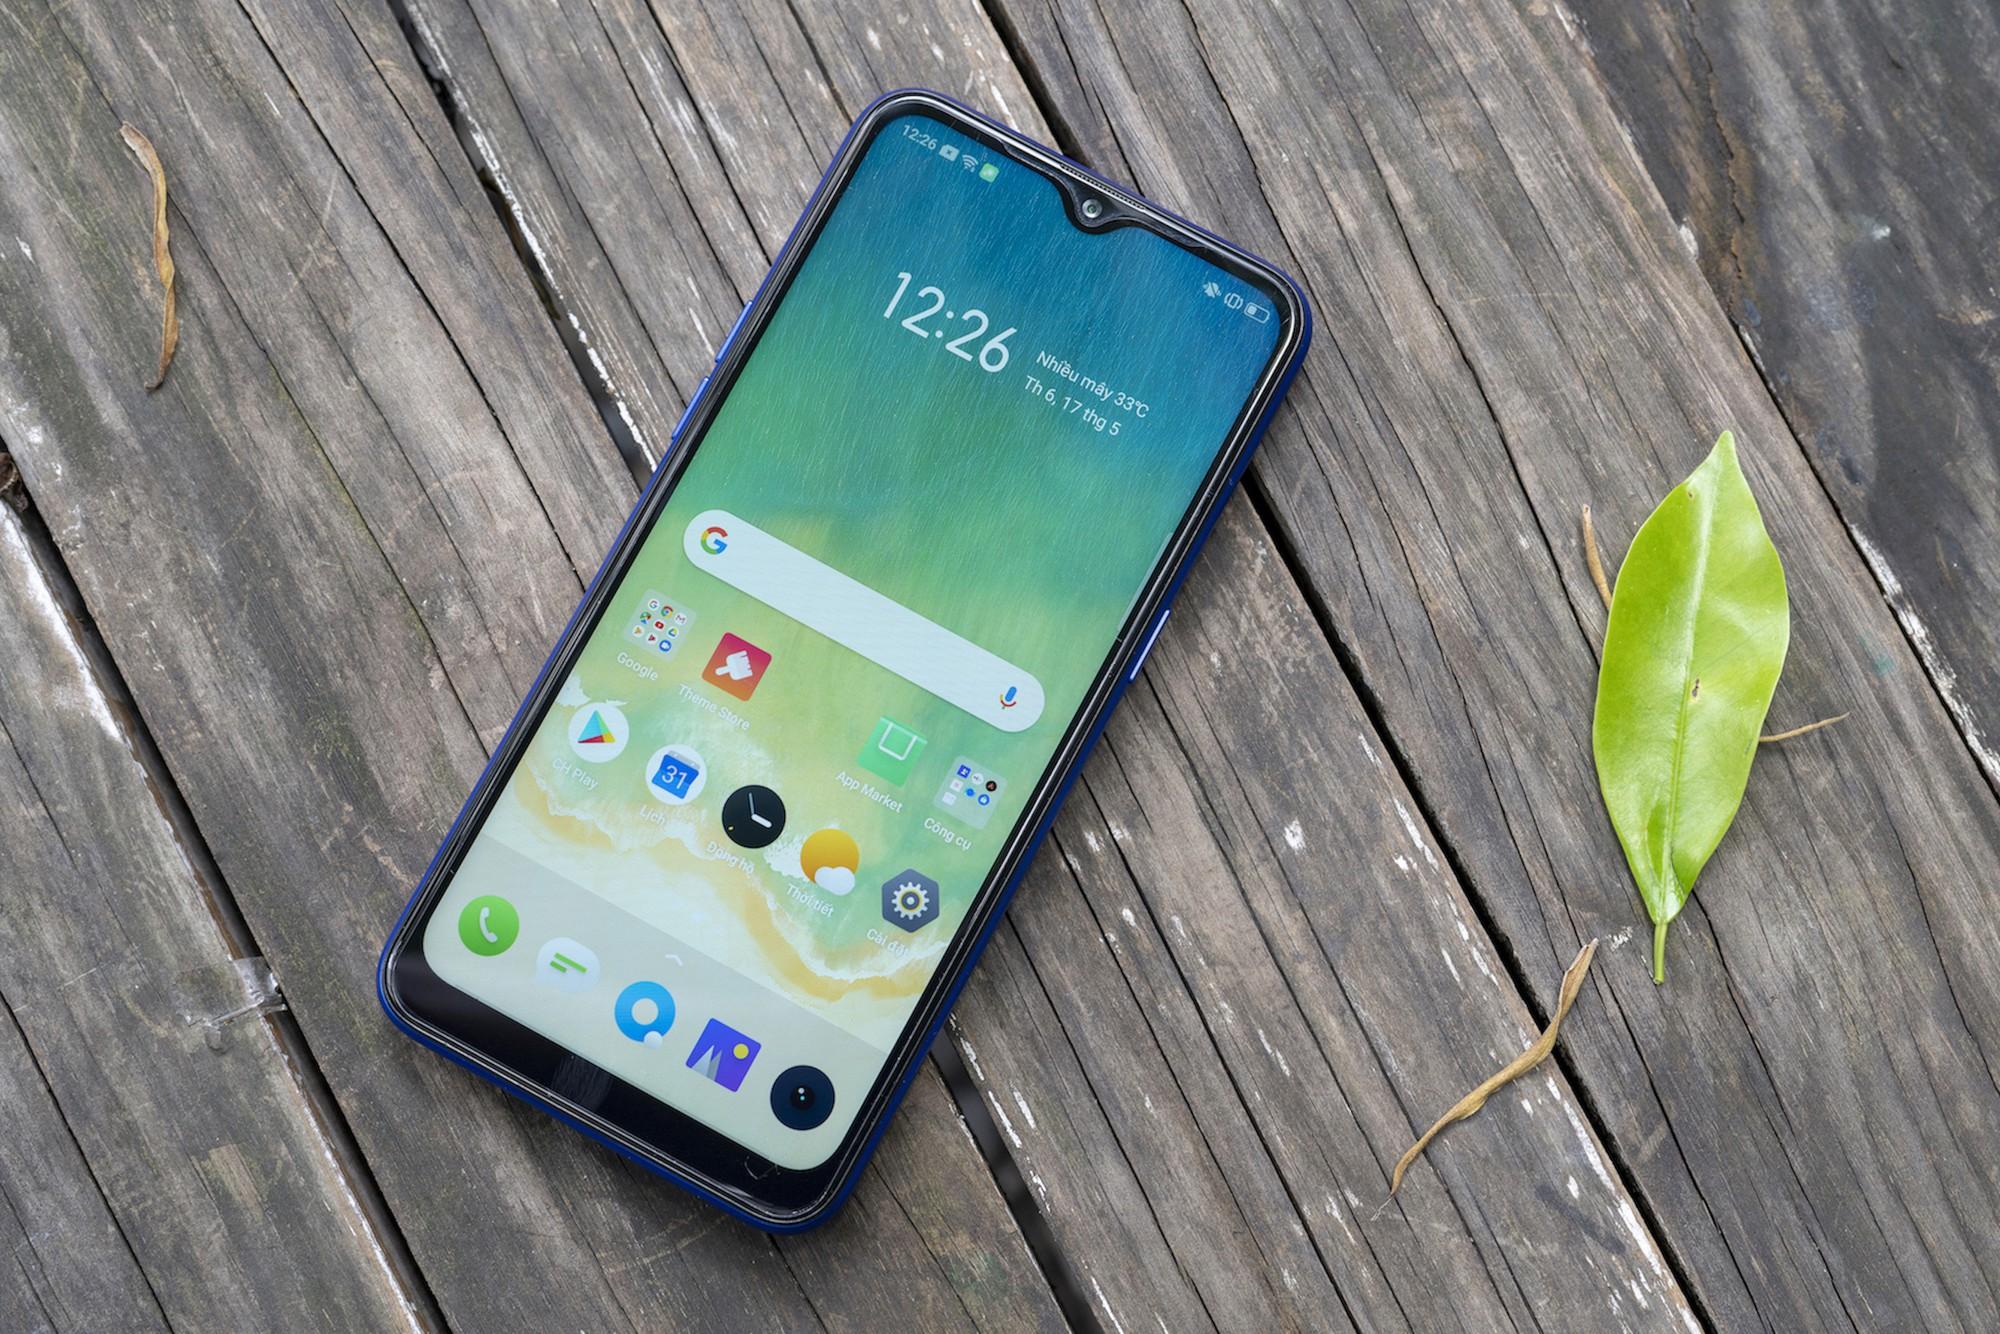 Những trend thiết kế smartphone đã lên ngôi trong 3 năm qua - Ảnh 2.